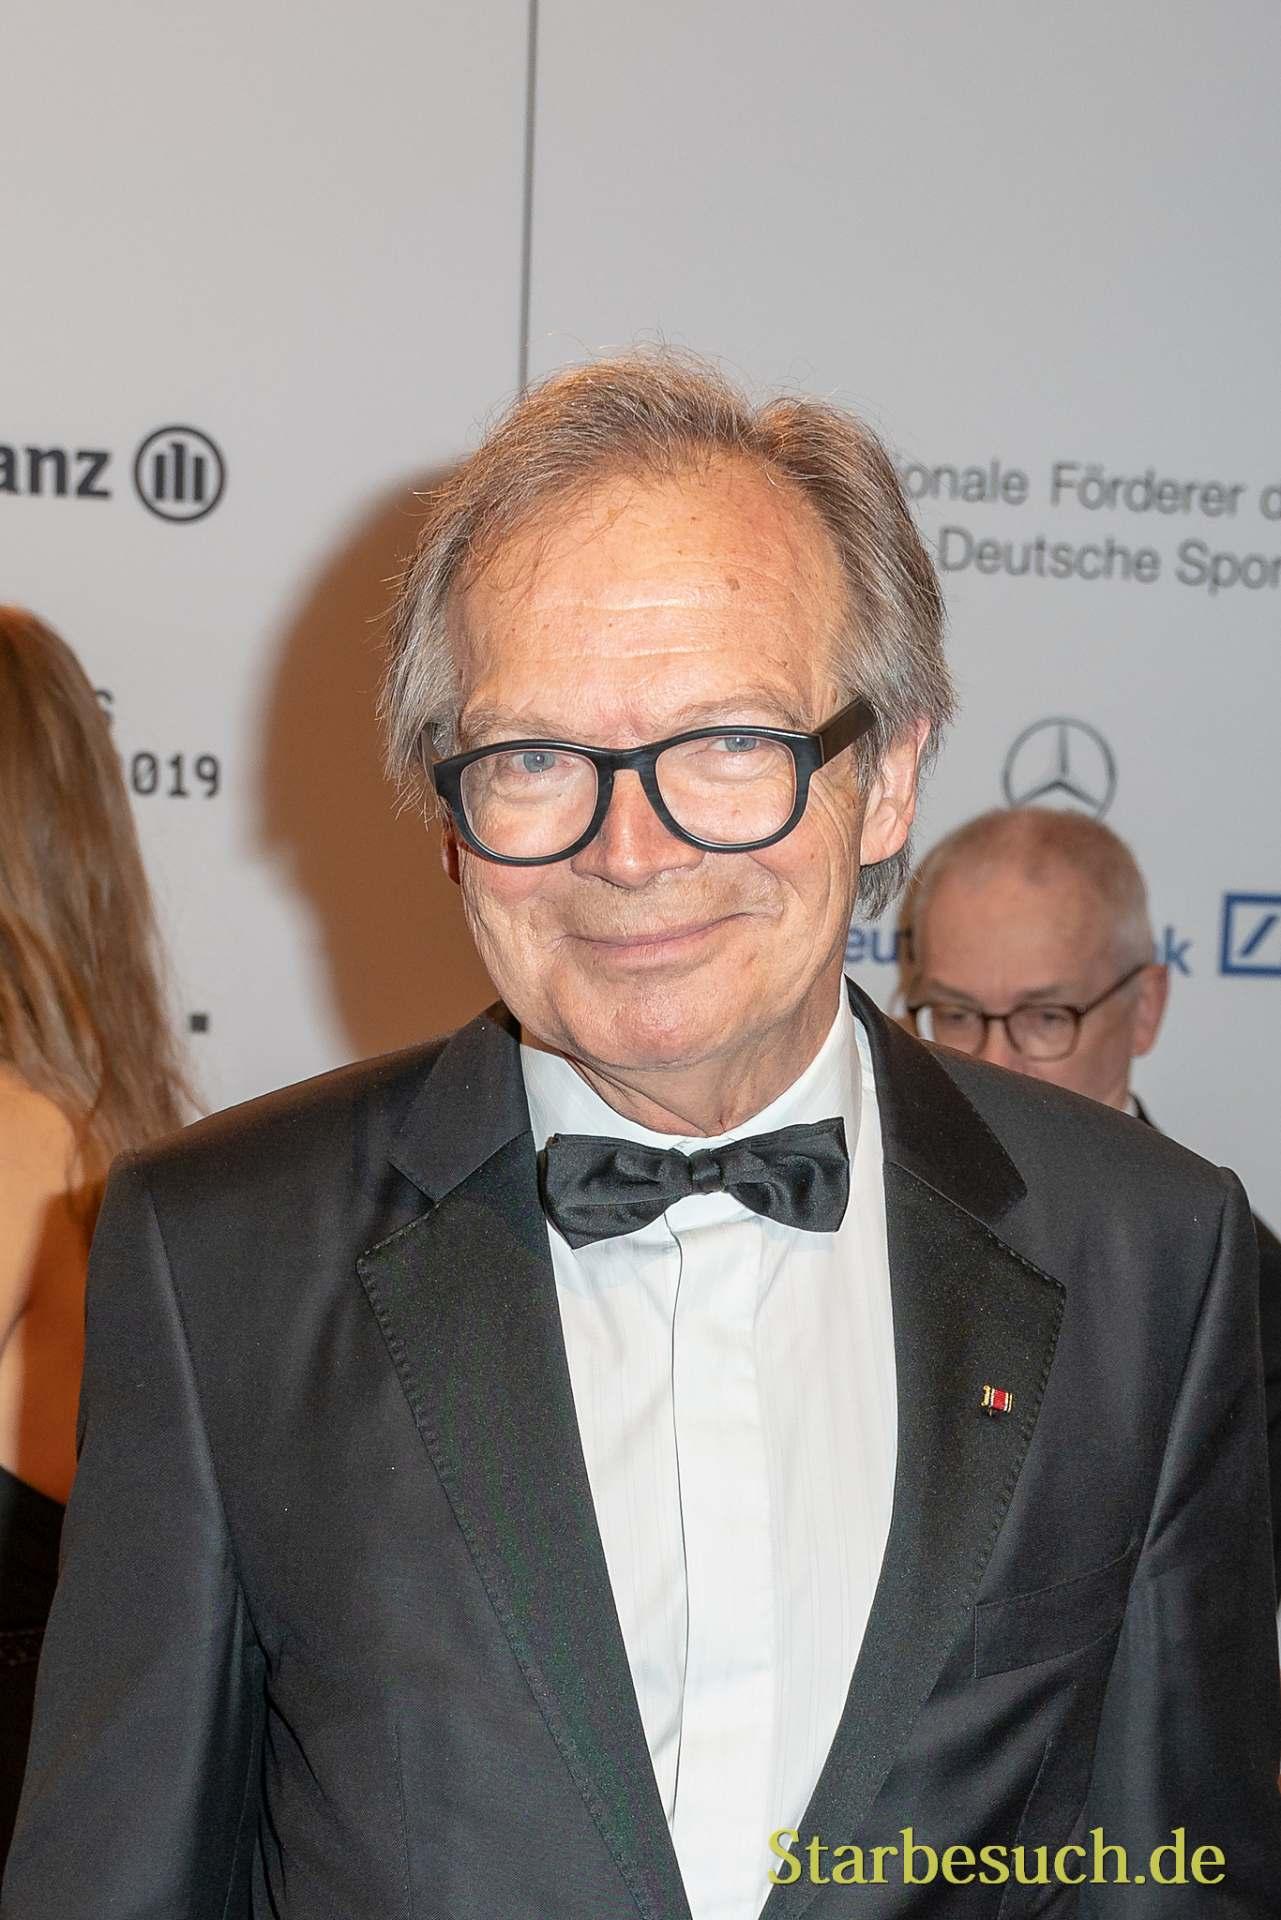 WIESBADEN, Germany - February 2nd, 2019: Werner Klatten (*1945, Stiftung Deutsche Sporthilfe) at Ball des Sports 2019